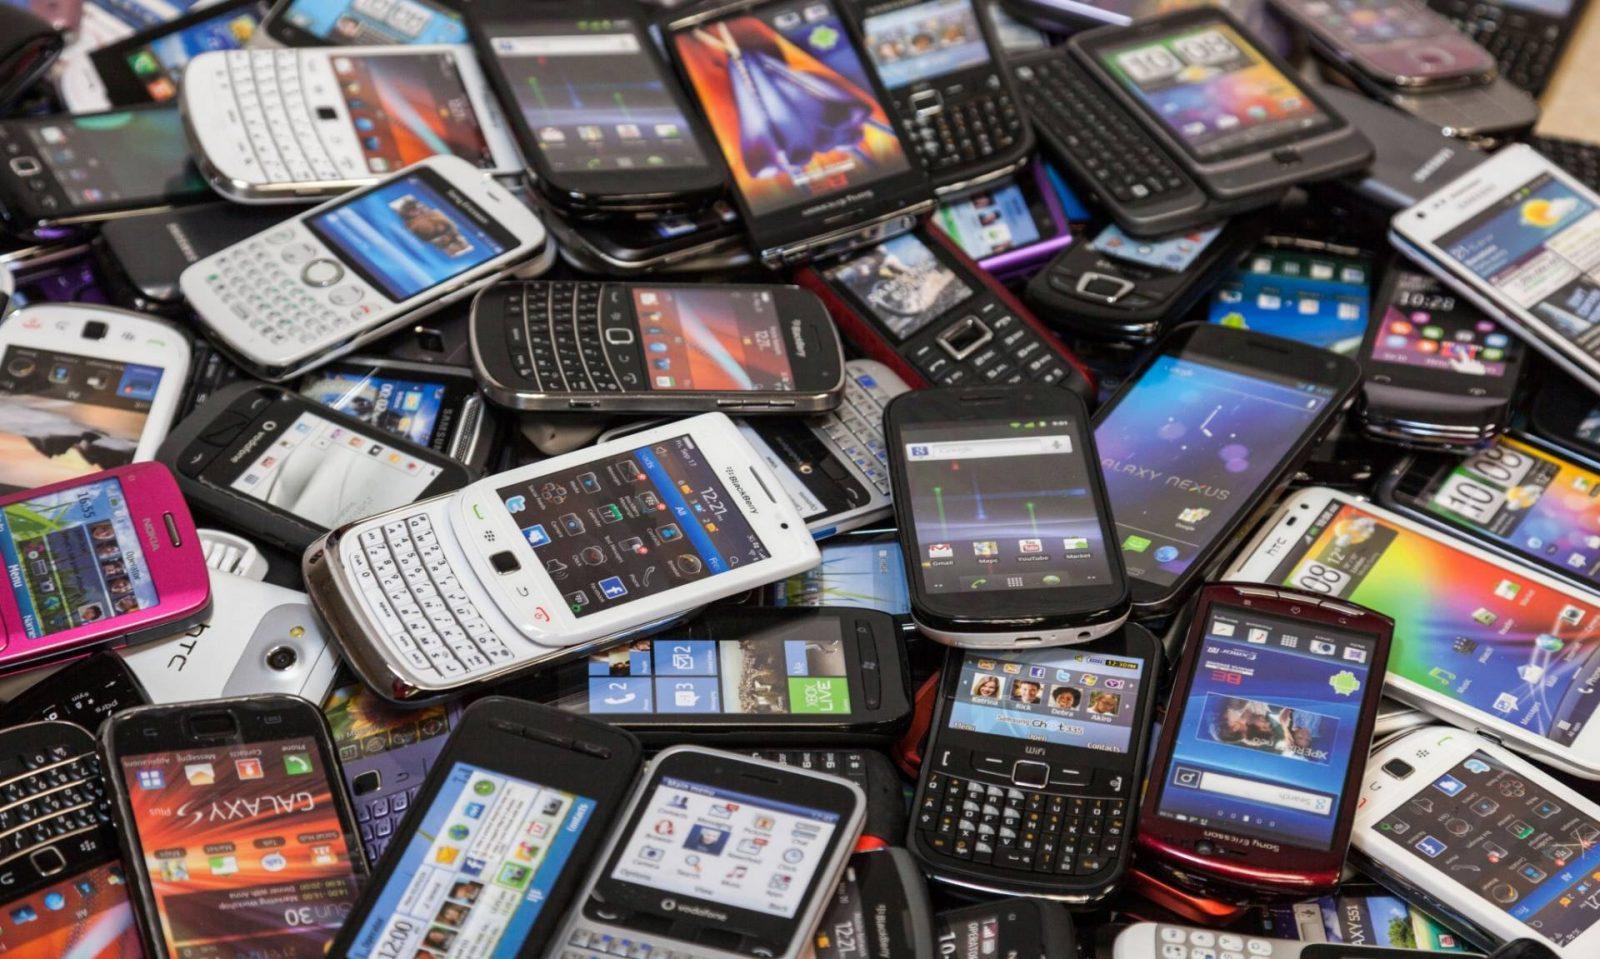 Perioada de proba in retelele de telefonie mobila! Poti renunta fara daune!